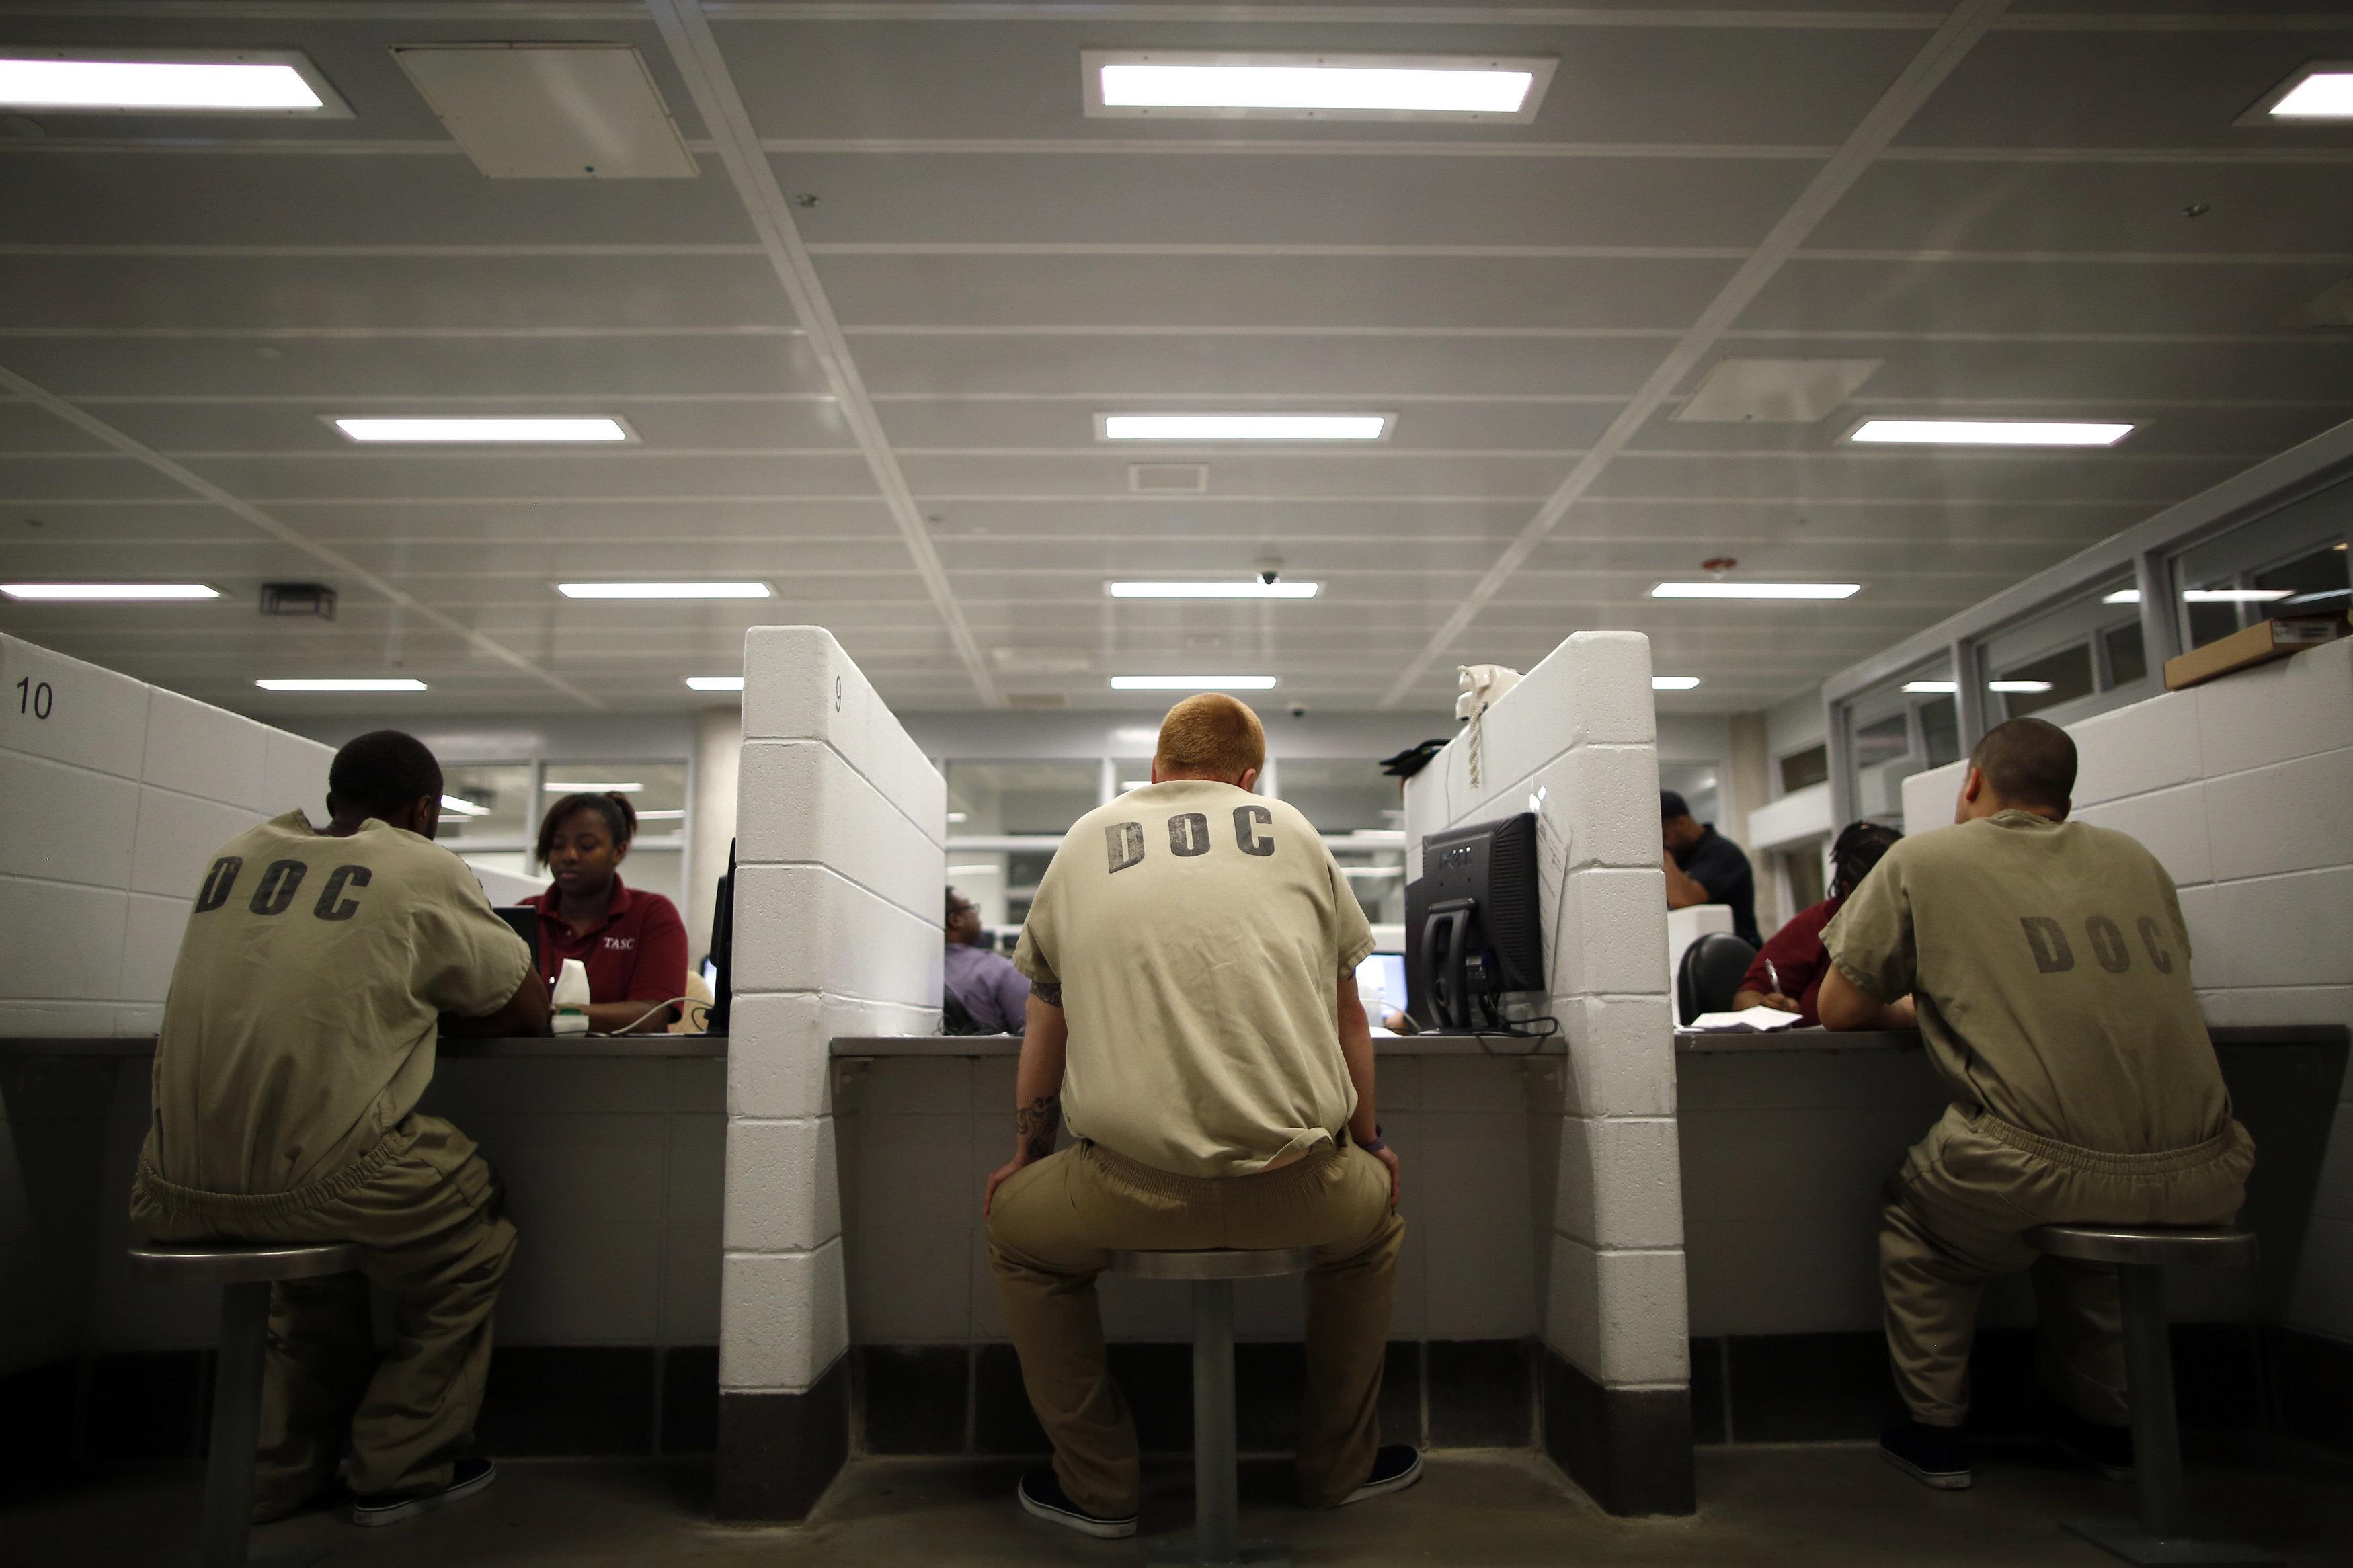 Assédio e ataques sexuais: A rotina que tem traumatizado advogadas em uma das maiores prisões dos